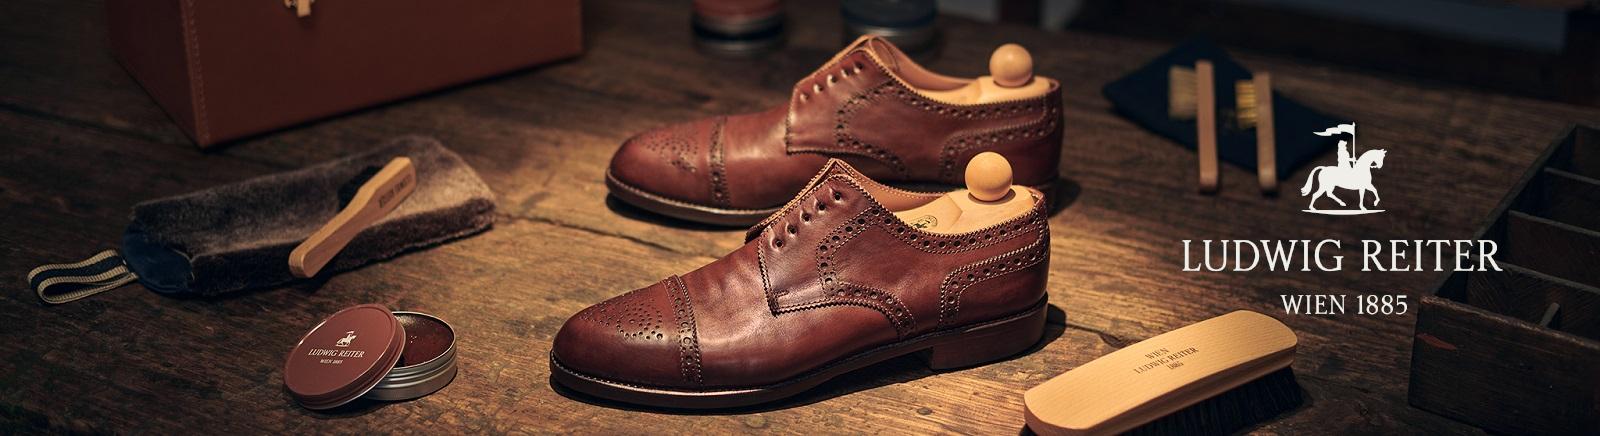 Ludwig Reiter Herrenschuhe online bestellen im Prange Schuhe Shop